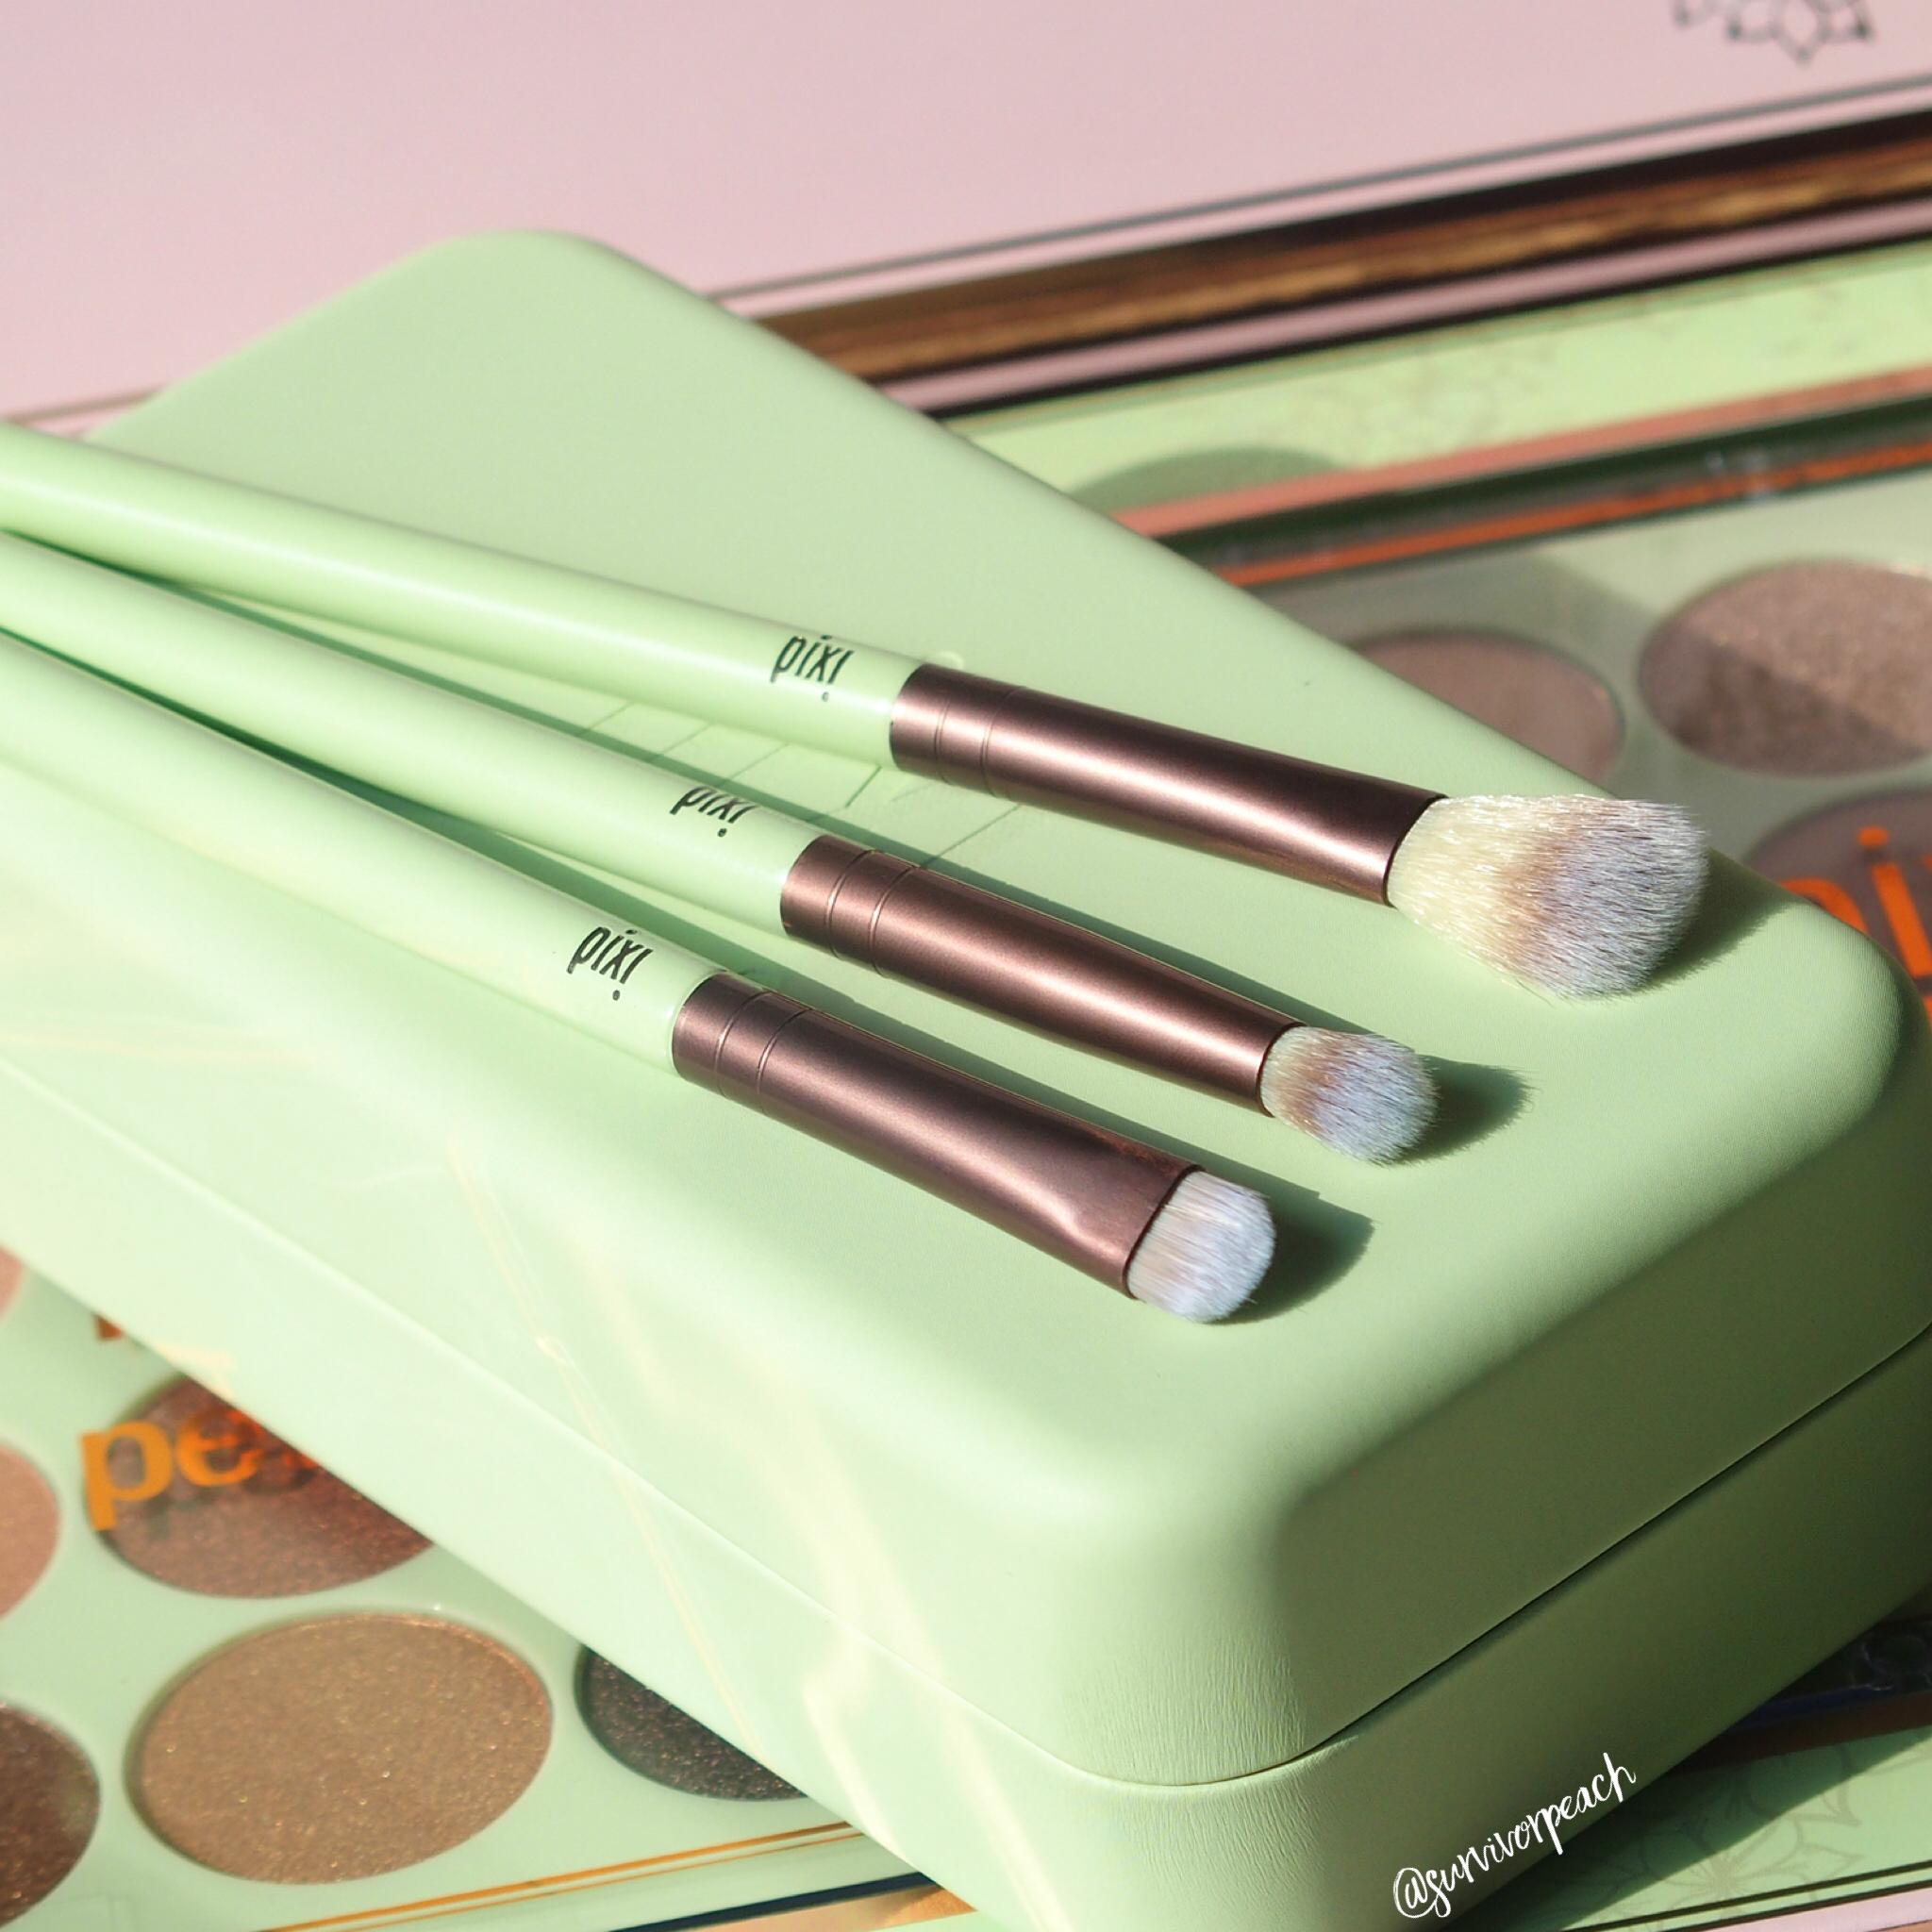 Pixi Brush Set